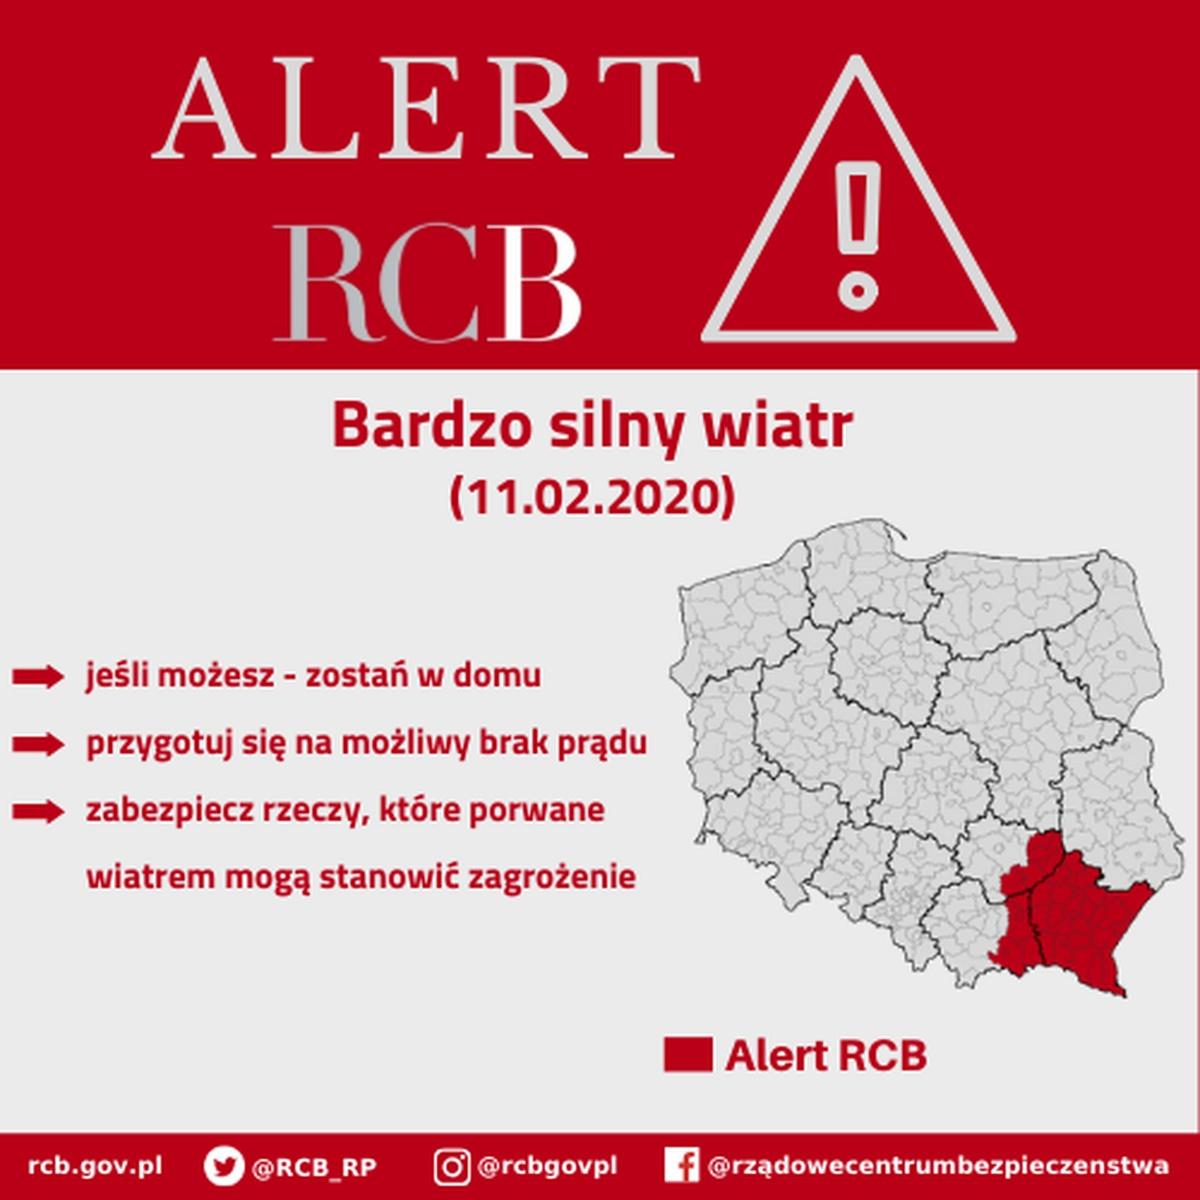 Alert RCB wdniu 11 lutego 2020 roku